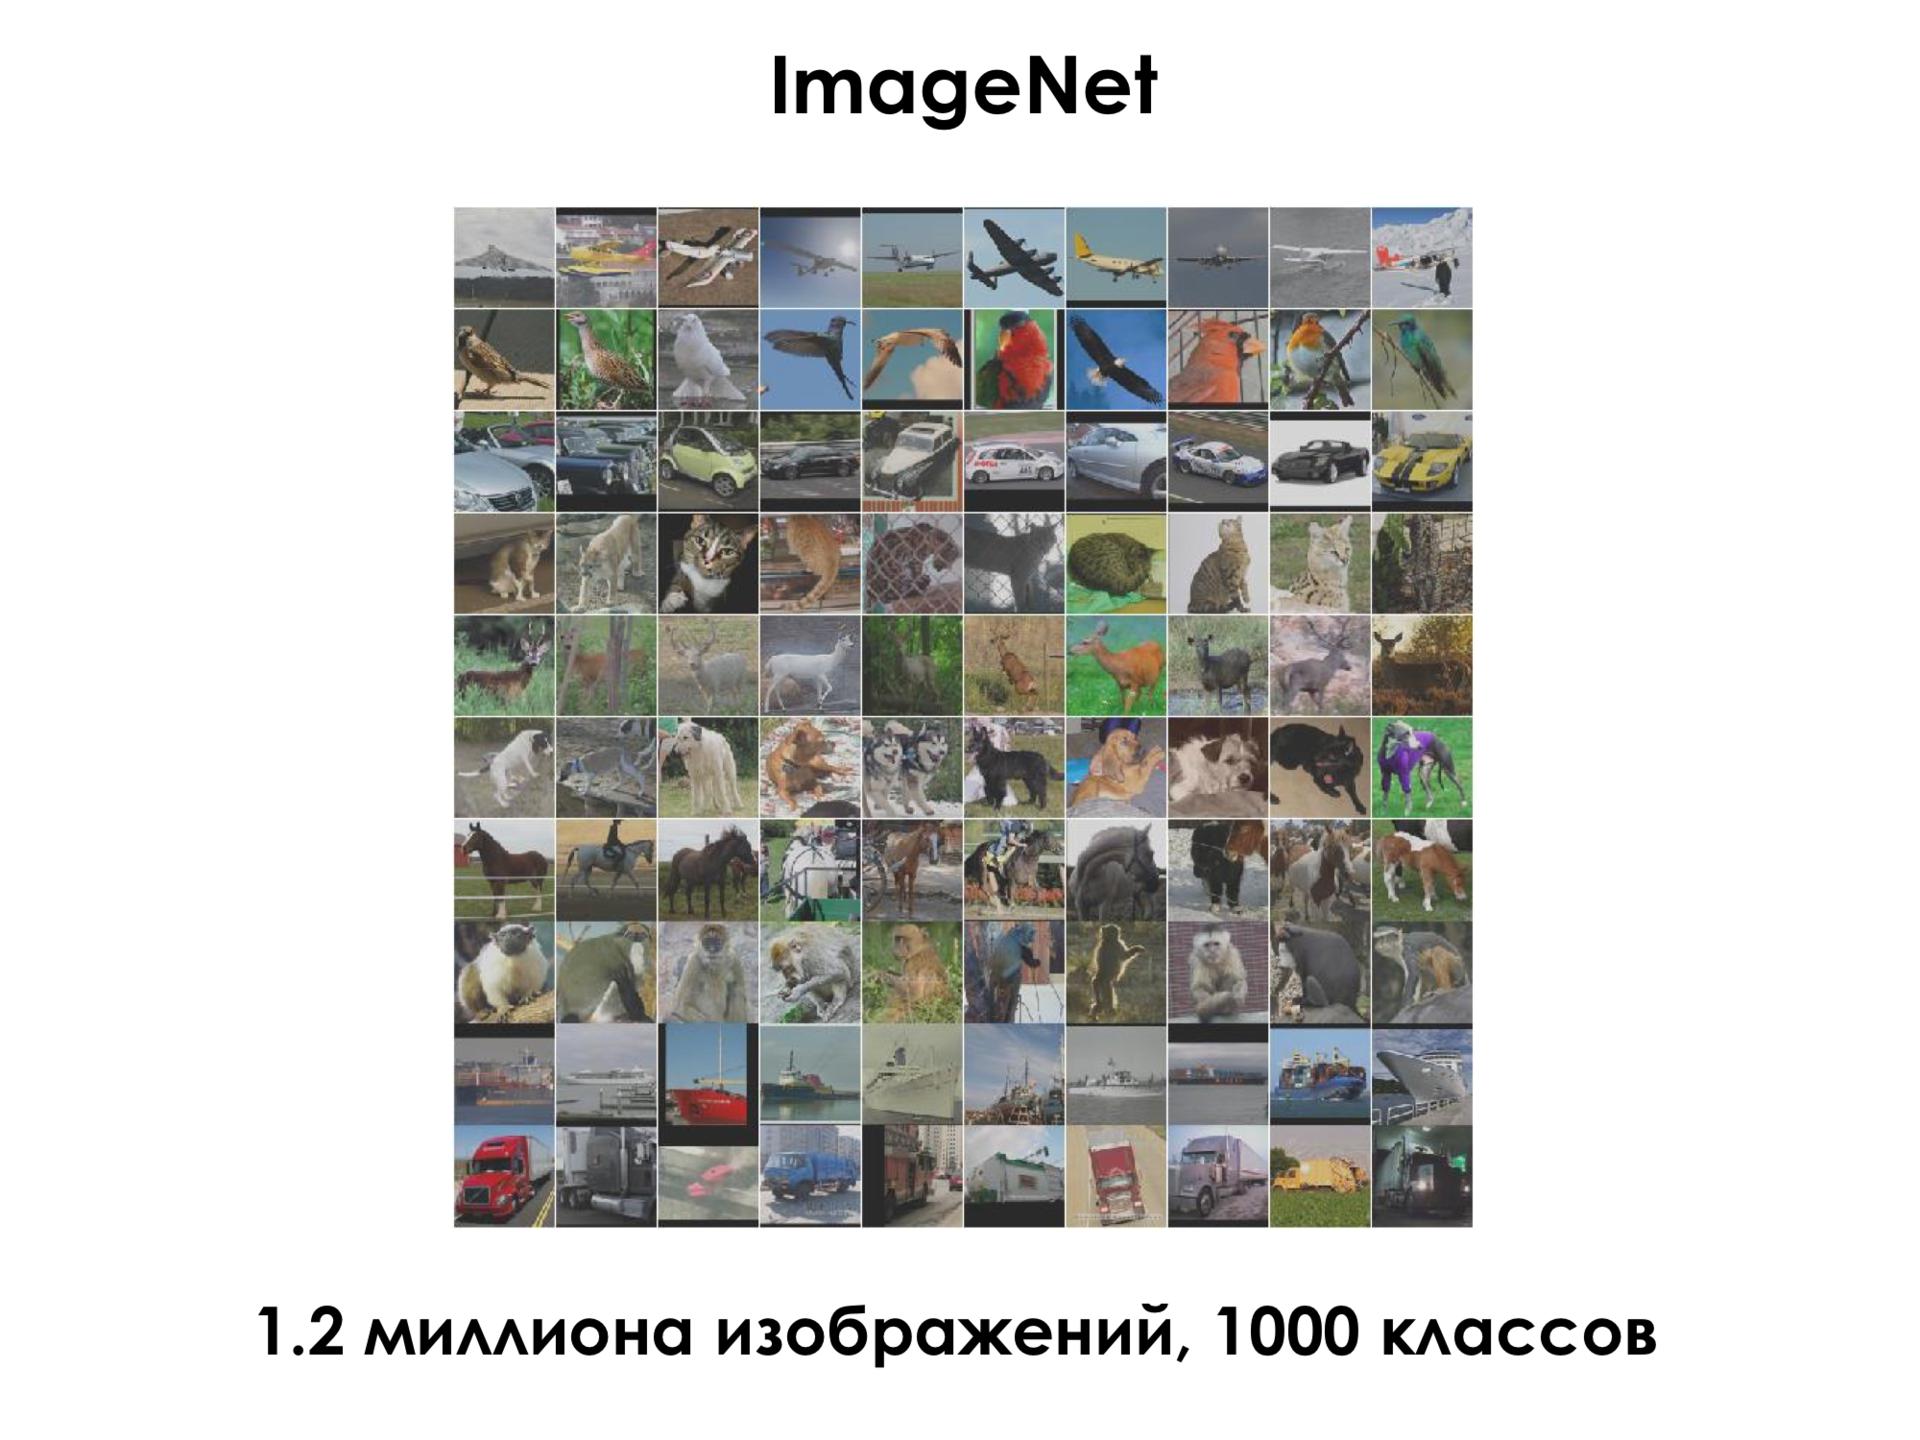 Самое главное о нейронных сетях. Лекция в Яндексе - 22